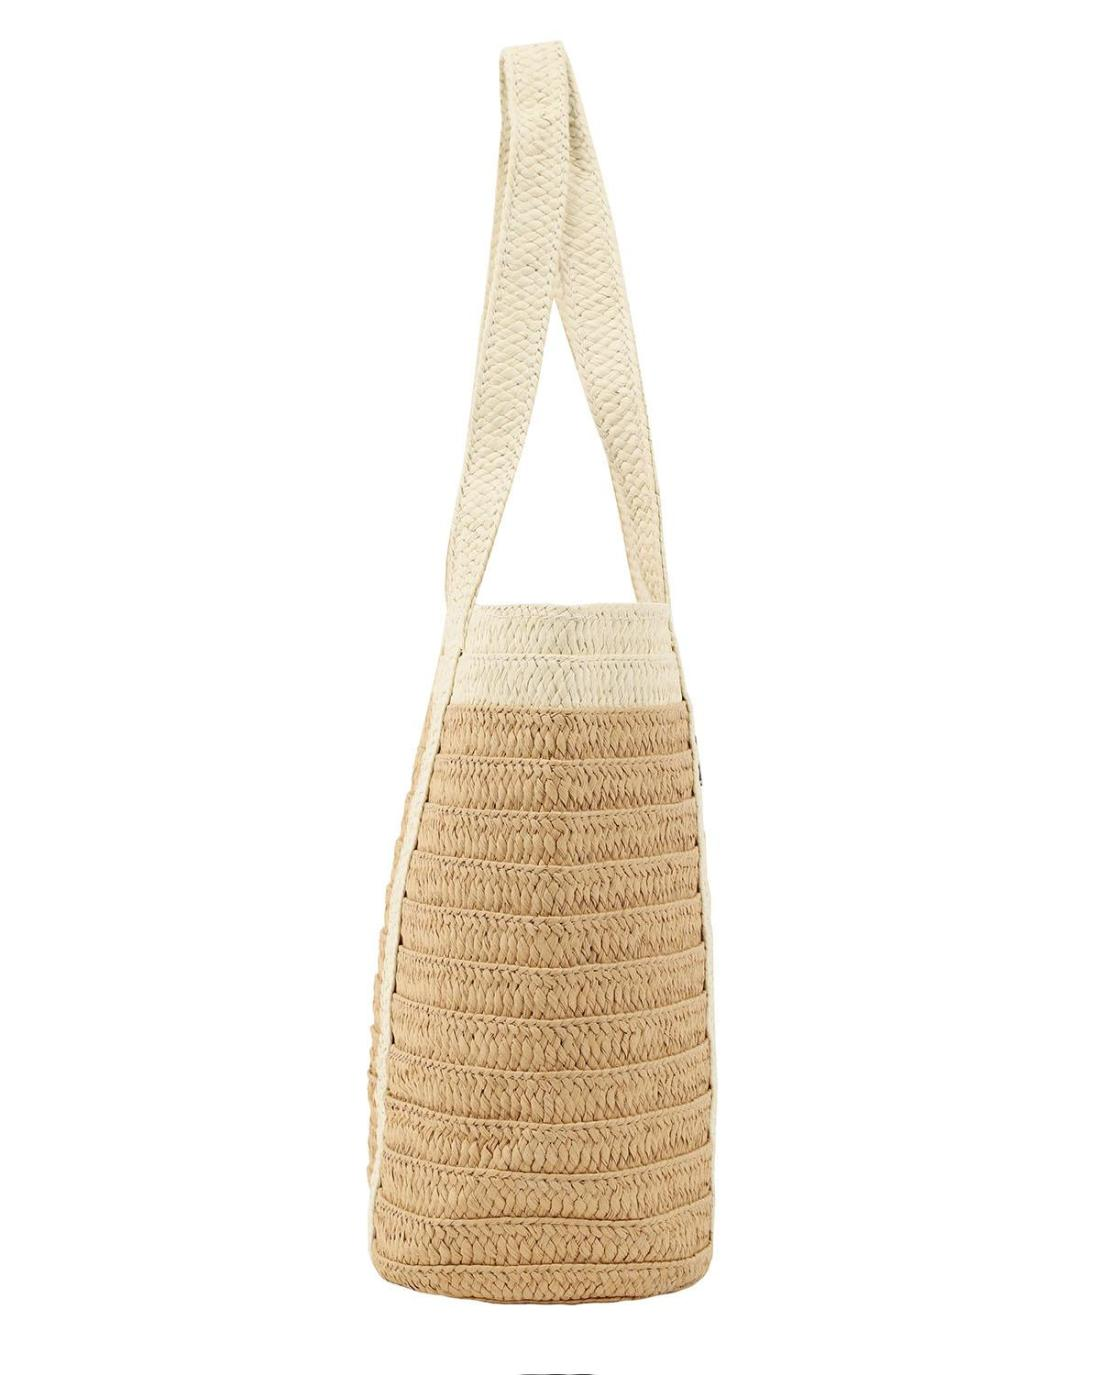 Ψάθινη τσάντα θαλάσσης μπεζ